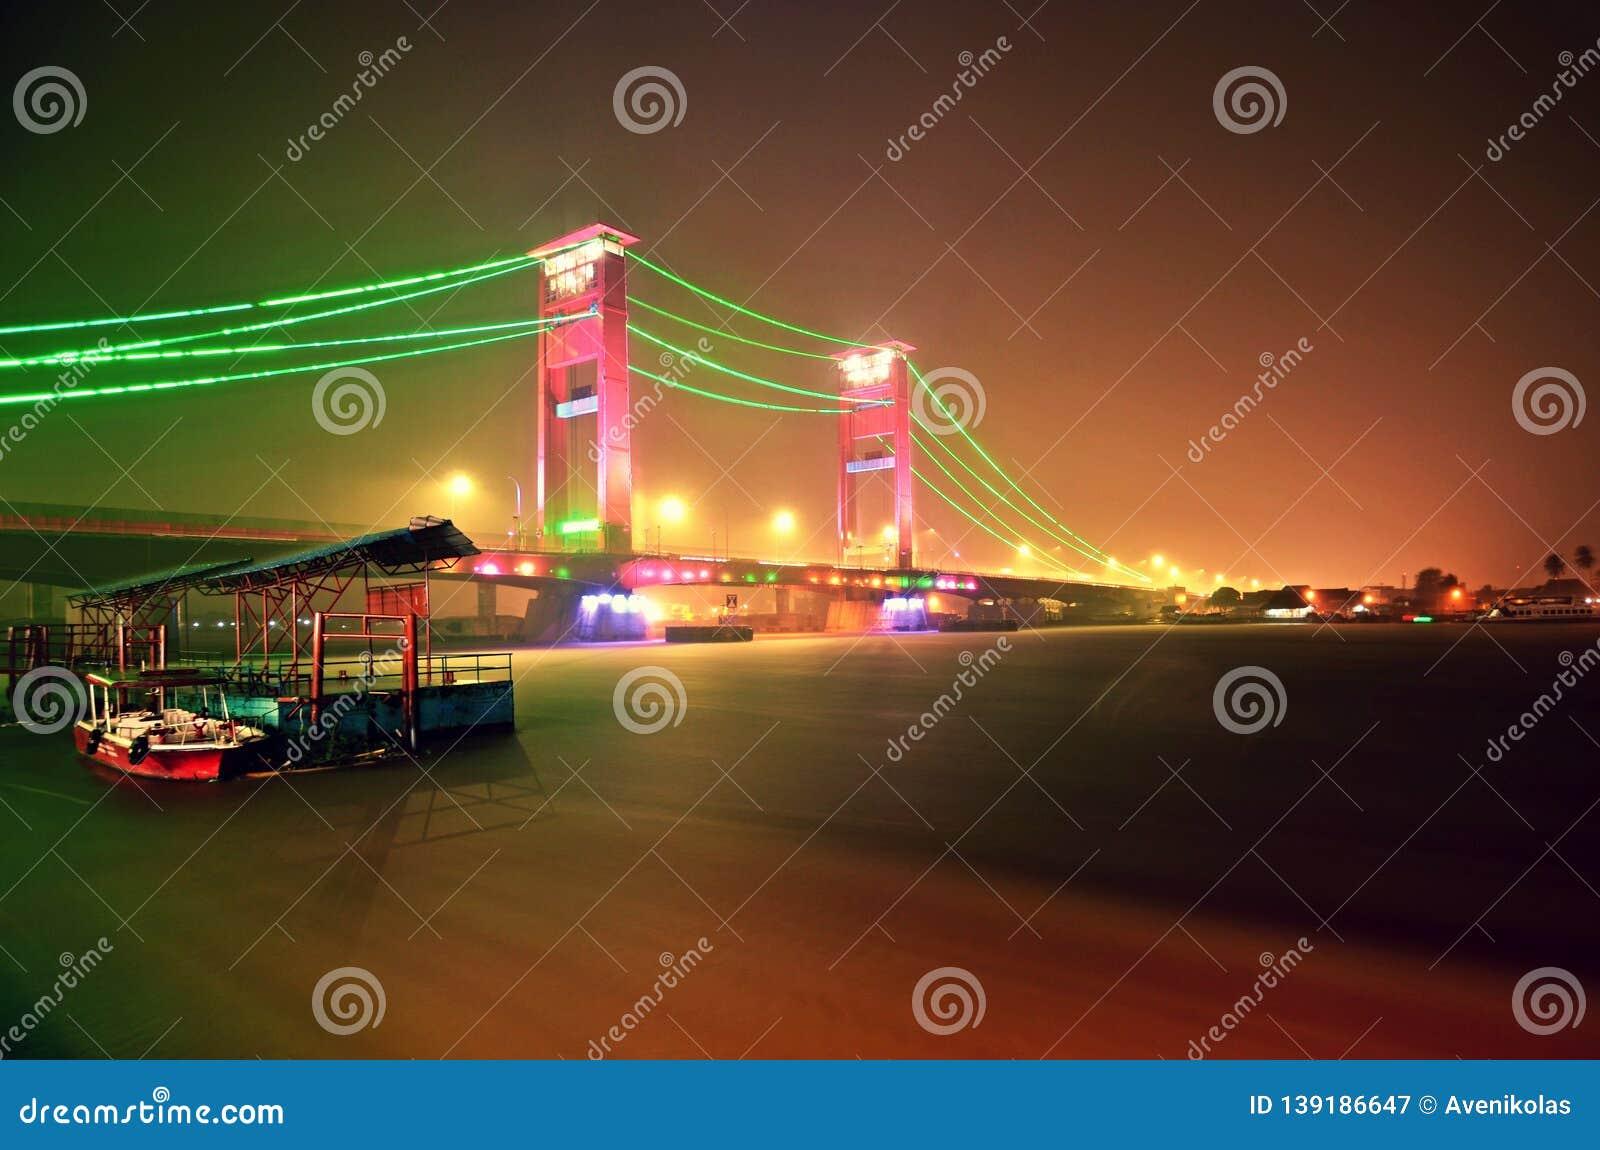 Ampera Bridge at Night, Palembang, Indonesia